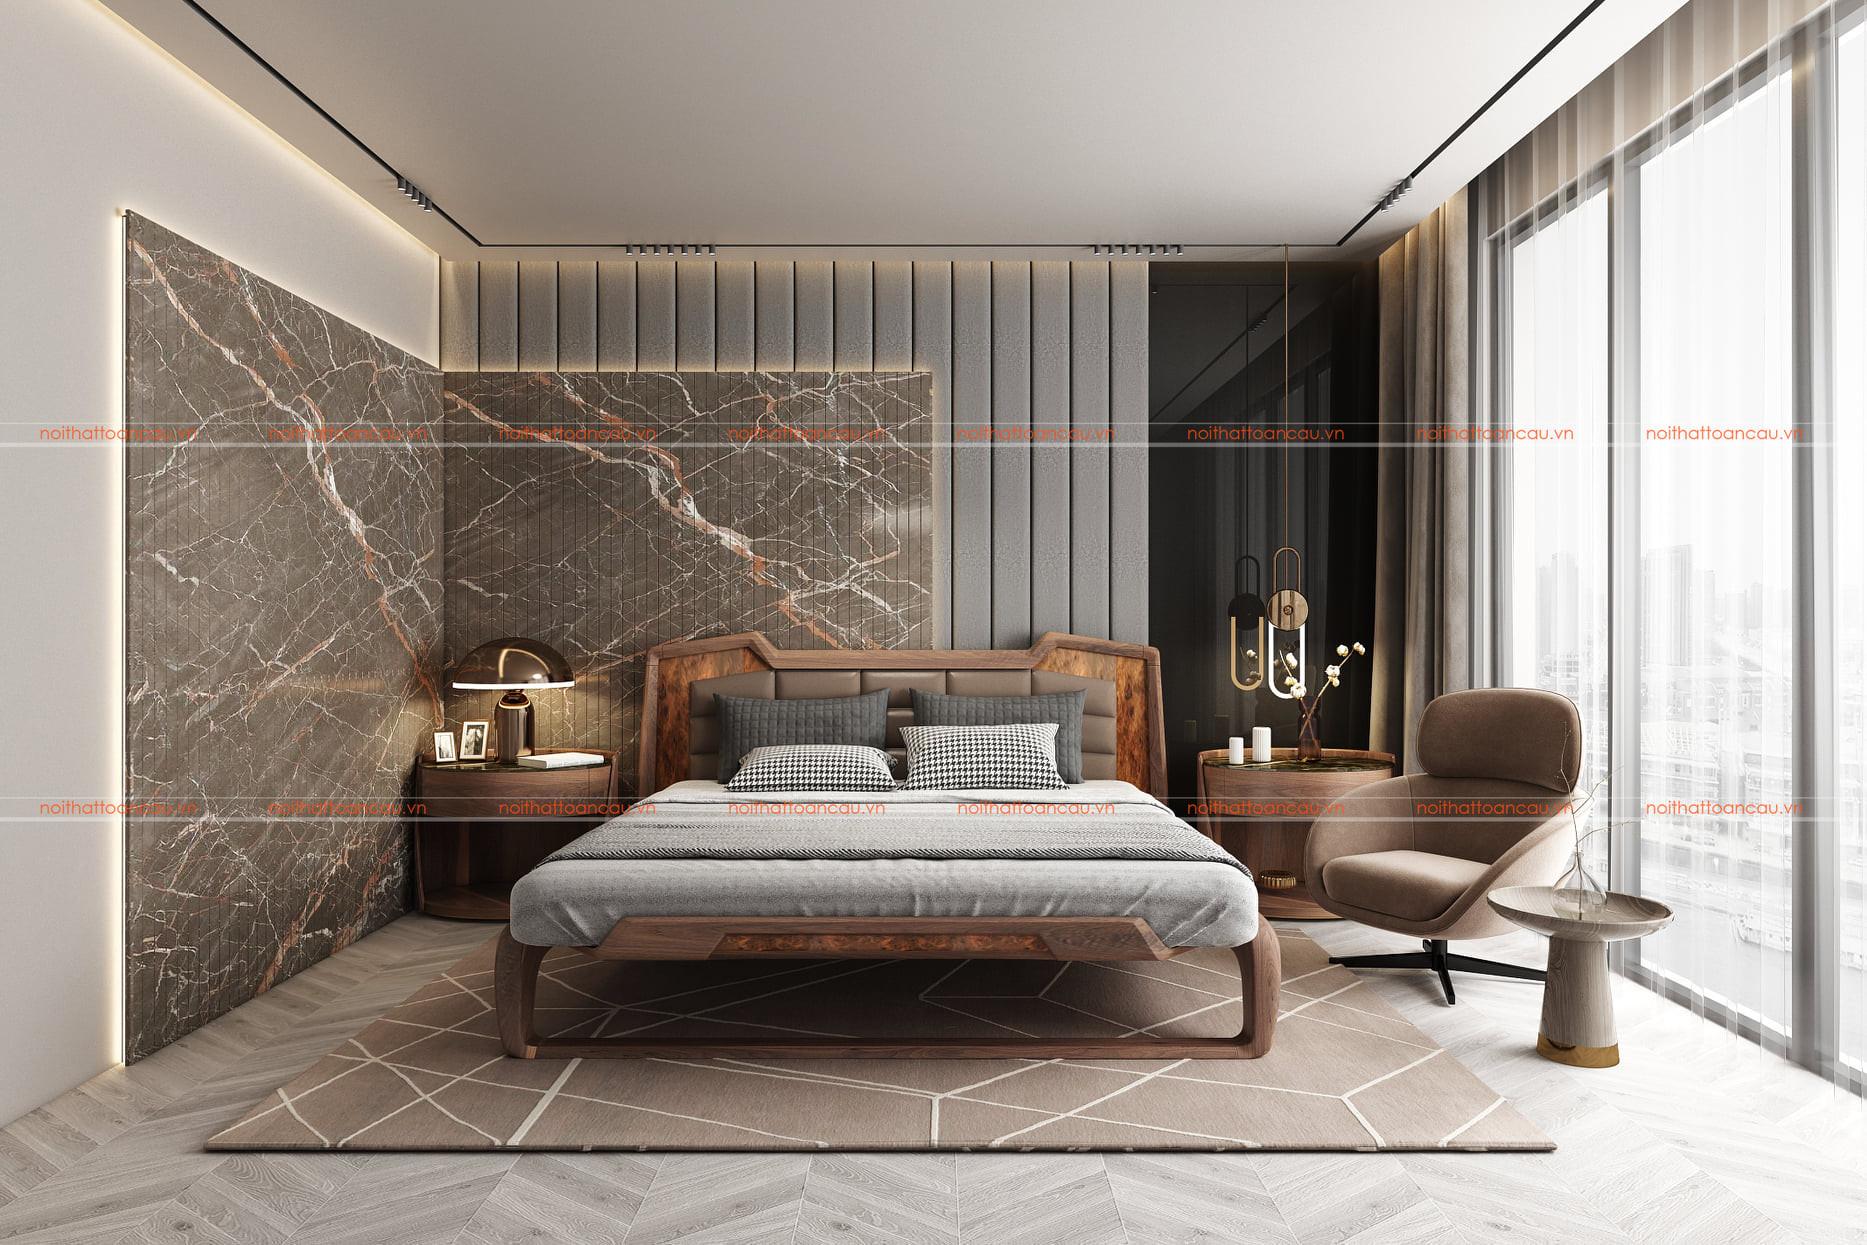 Mẫu thiết kế phòng ngủ gỗ óc chó 4c